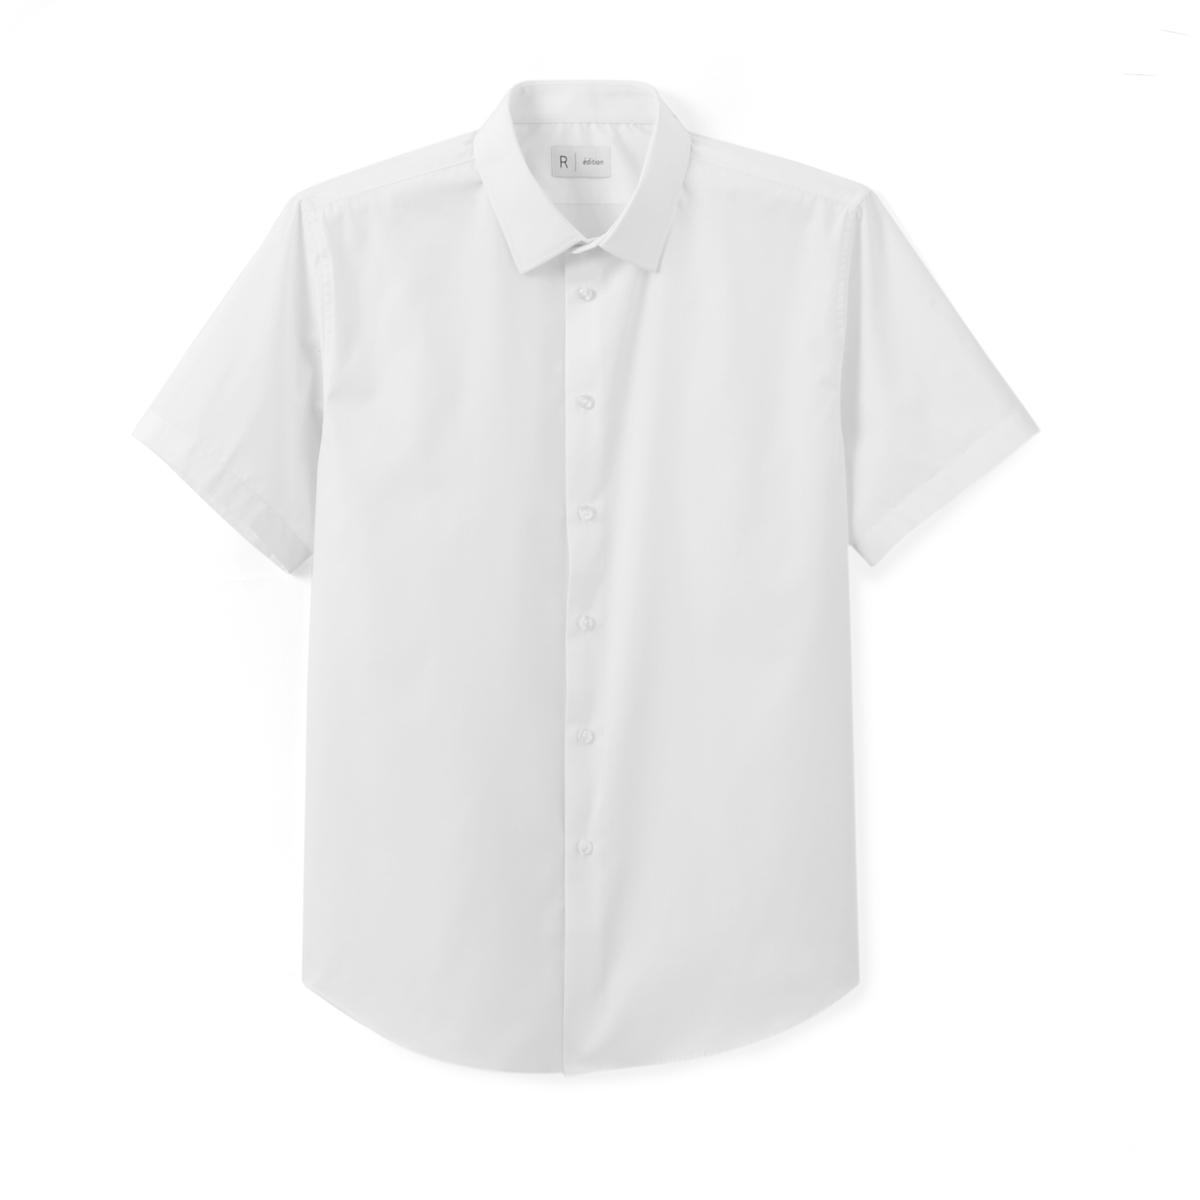 Рубашка стандартного покроя с короткими рукавамиРубашка с короткими рукавами. Стандартный (прямой) покрой. Классический воротник со свободными кончиками. Легкая глажка.Состав и описание : Материал         55% хлопка, 45% полиэстераДлина       78 смМарка          R editionУход: :Машинная стирка при 30° на деликатном режиме с вещами подобного цвета Стирка и глажка с изнаночной стороныСухая чистка и машинная сушка запрещеныГладить на низкой температуре<br><br>Цвет: белый,синий морской,черный<br>Размер: 35/36.41/42.39/40.35/36.45/46.43/44.39/40.37/38.35/36.39/40.37/38